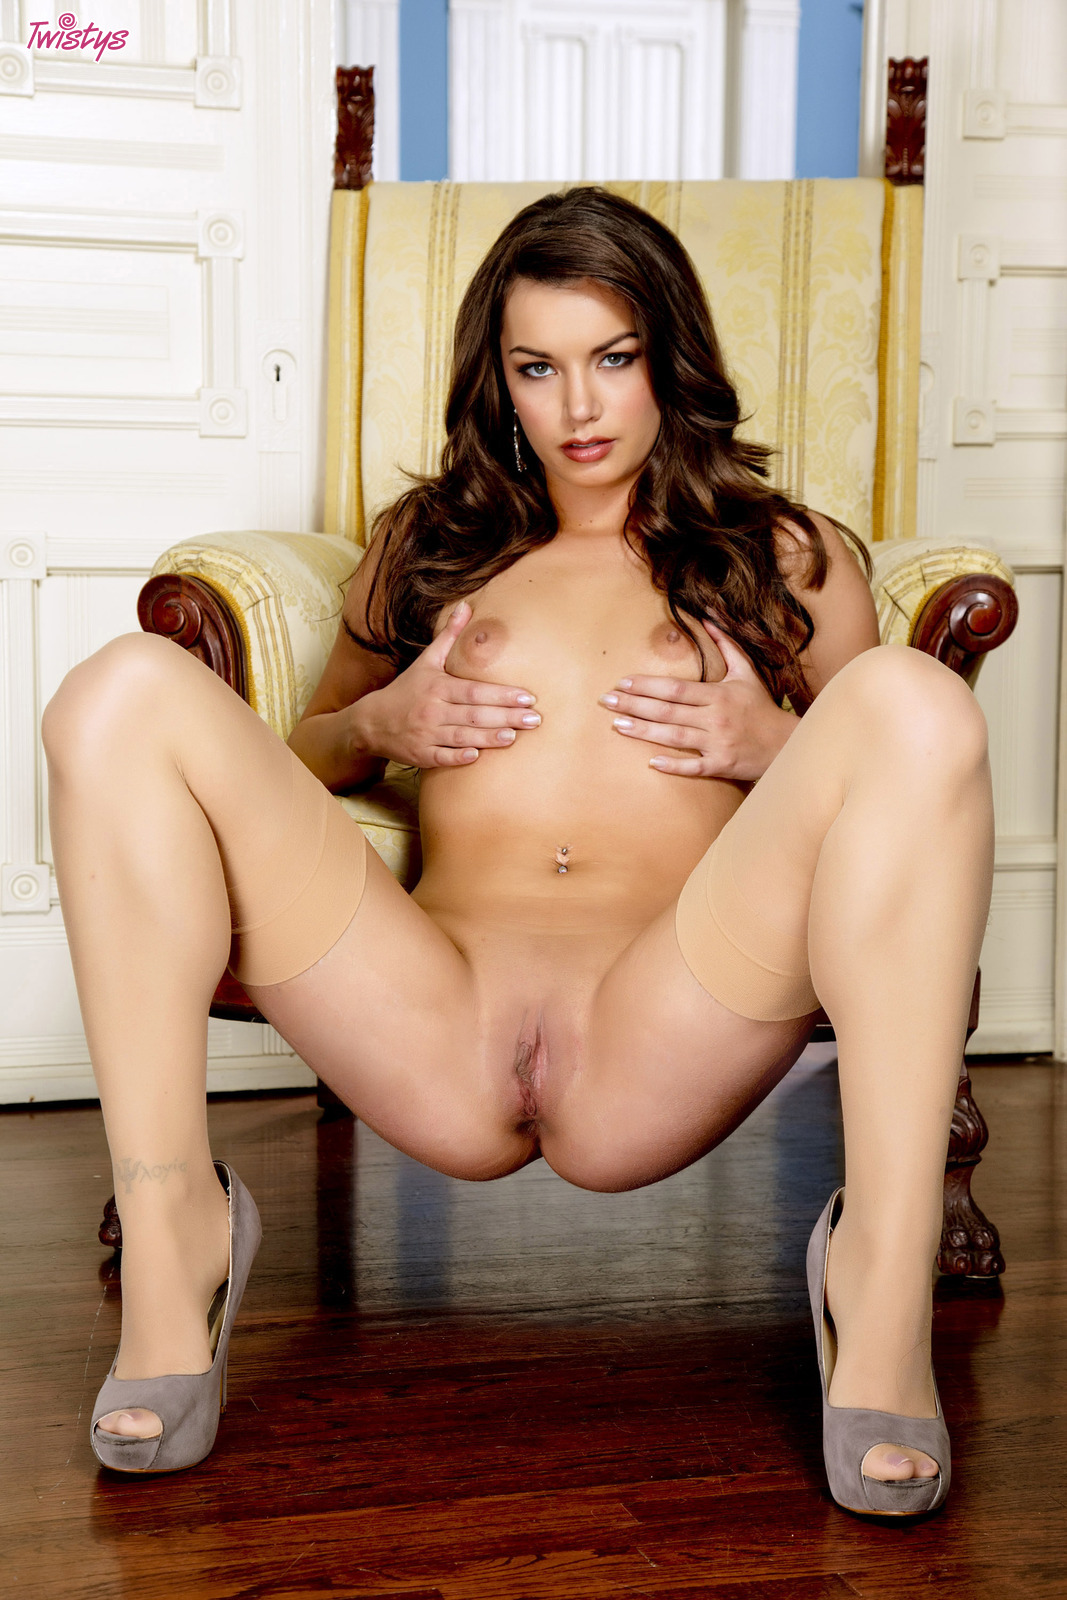 amber montana naked